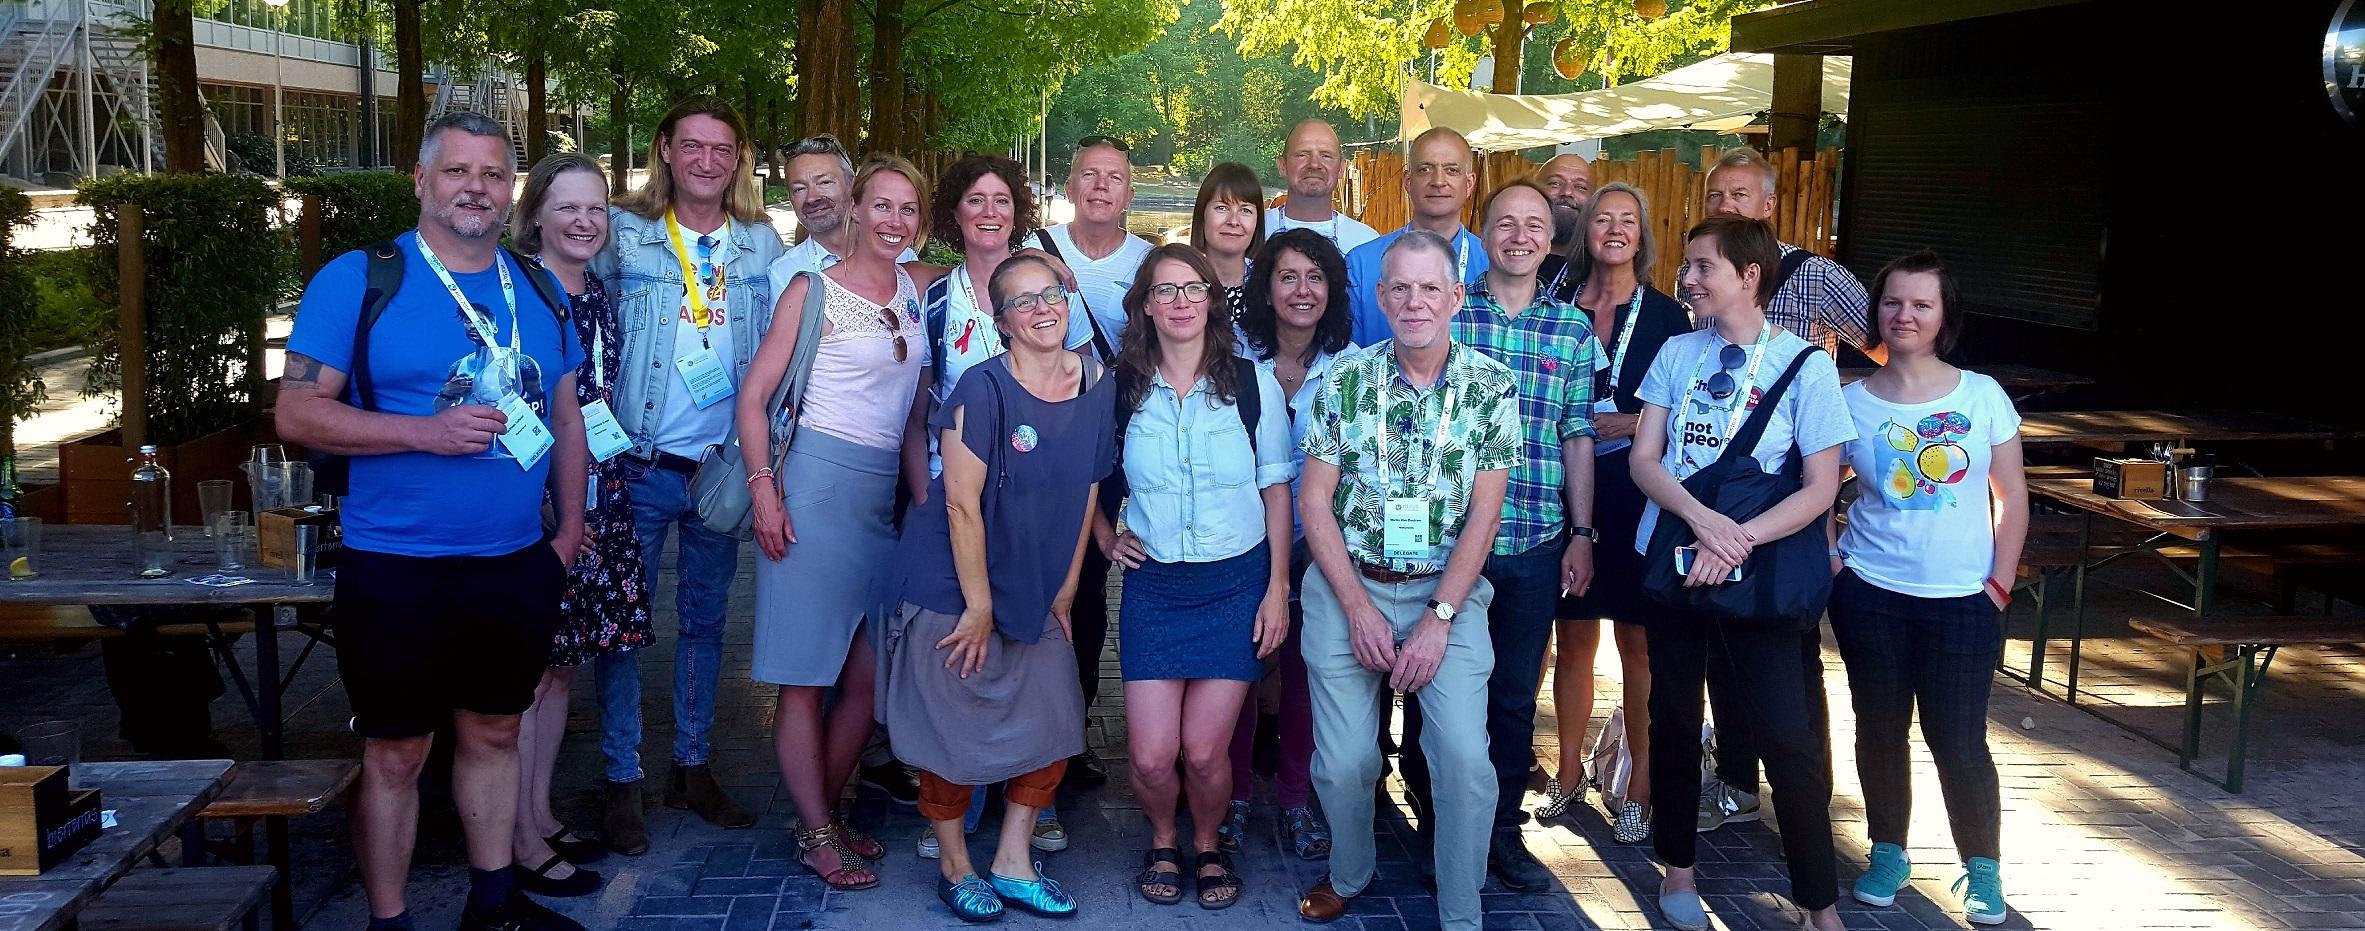 AAE's Steering Committee reunion